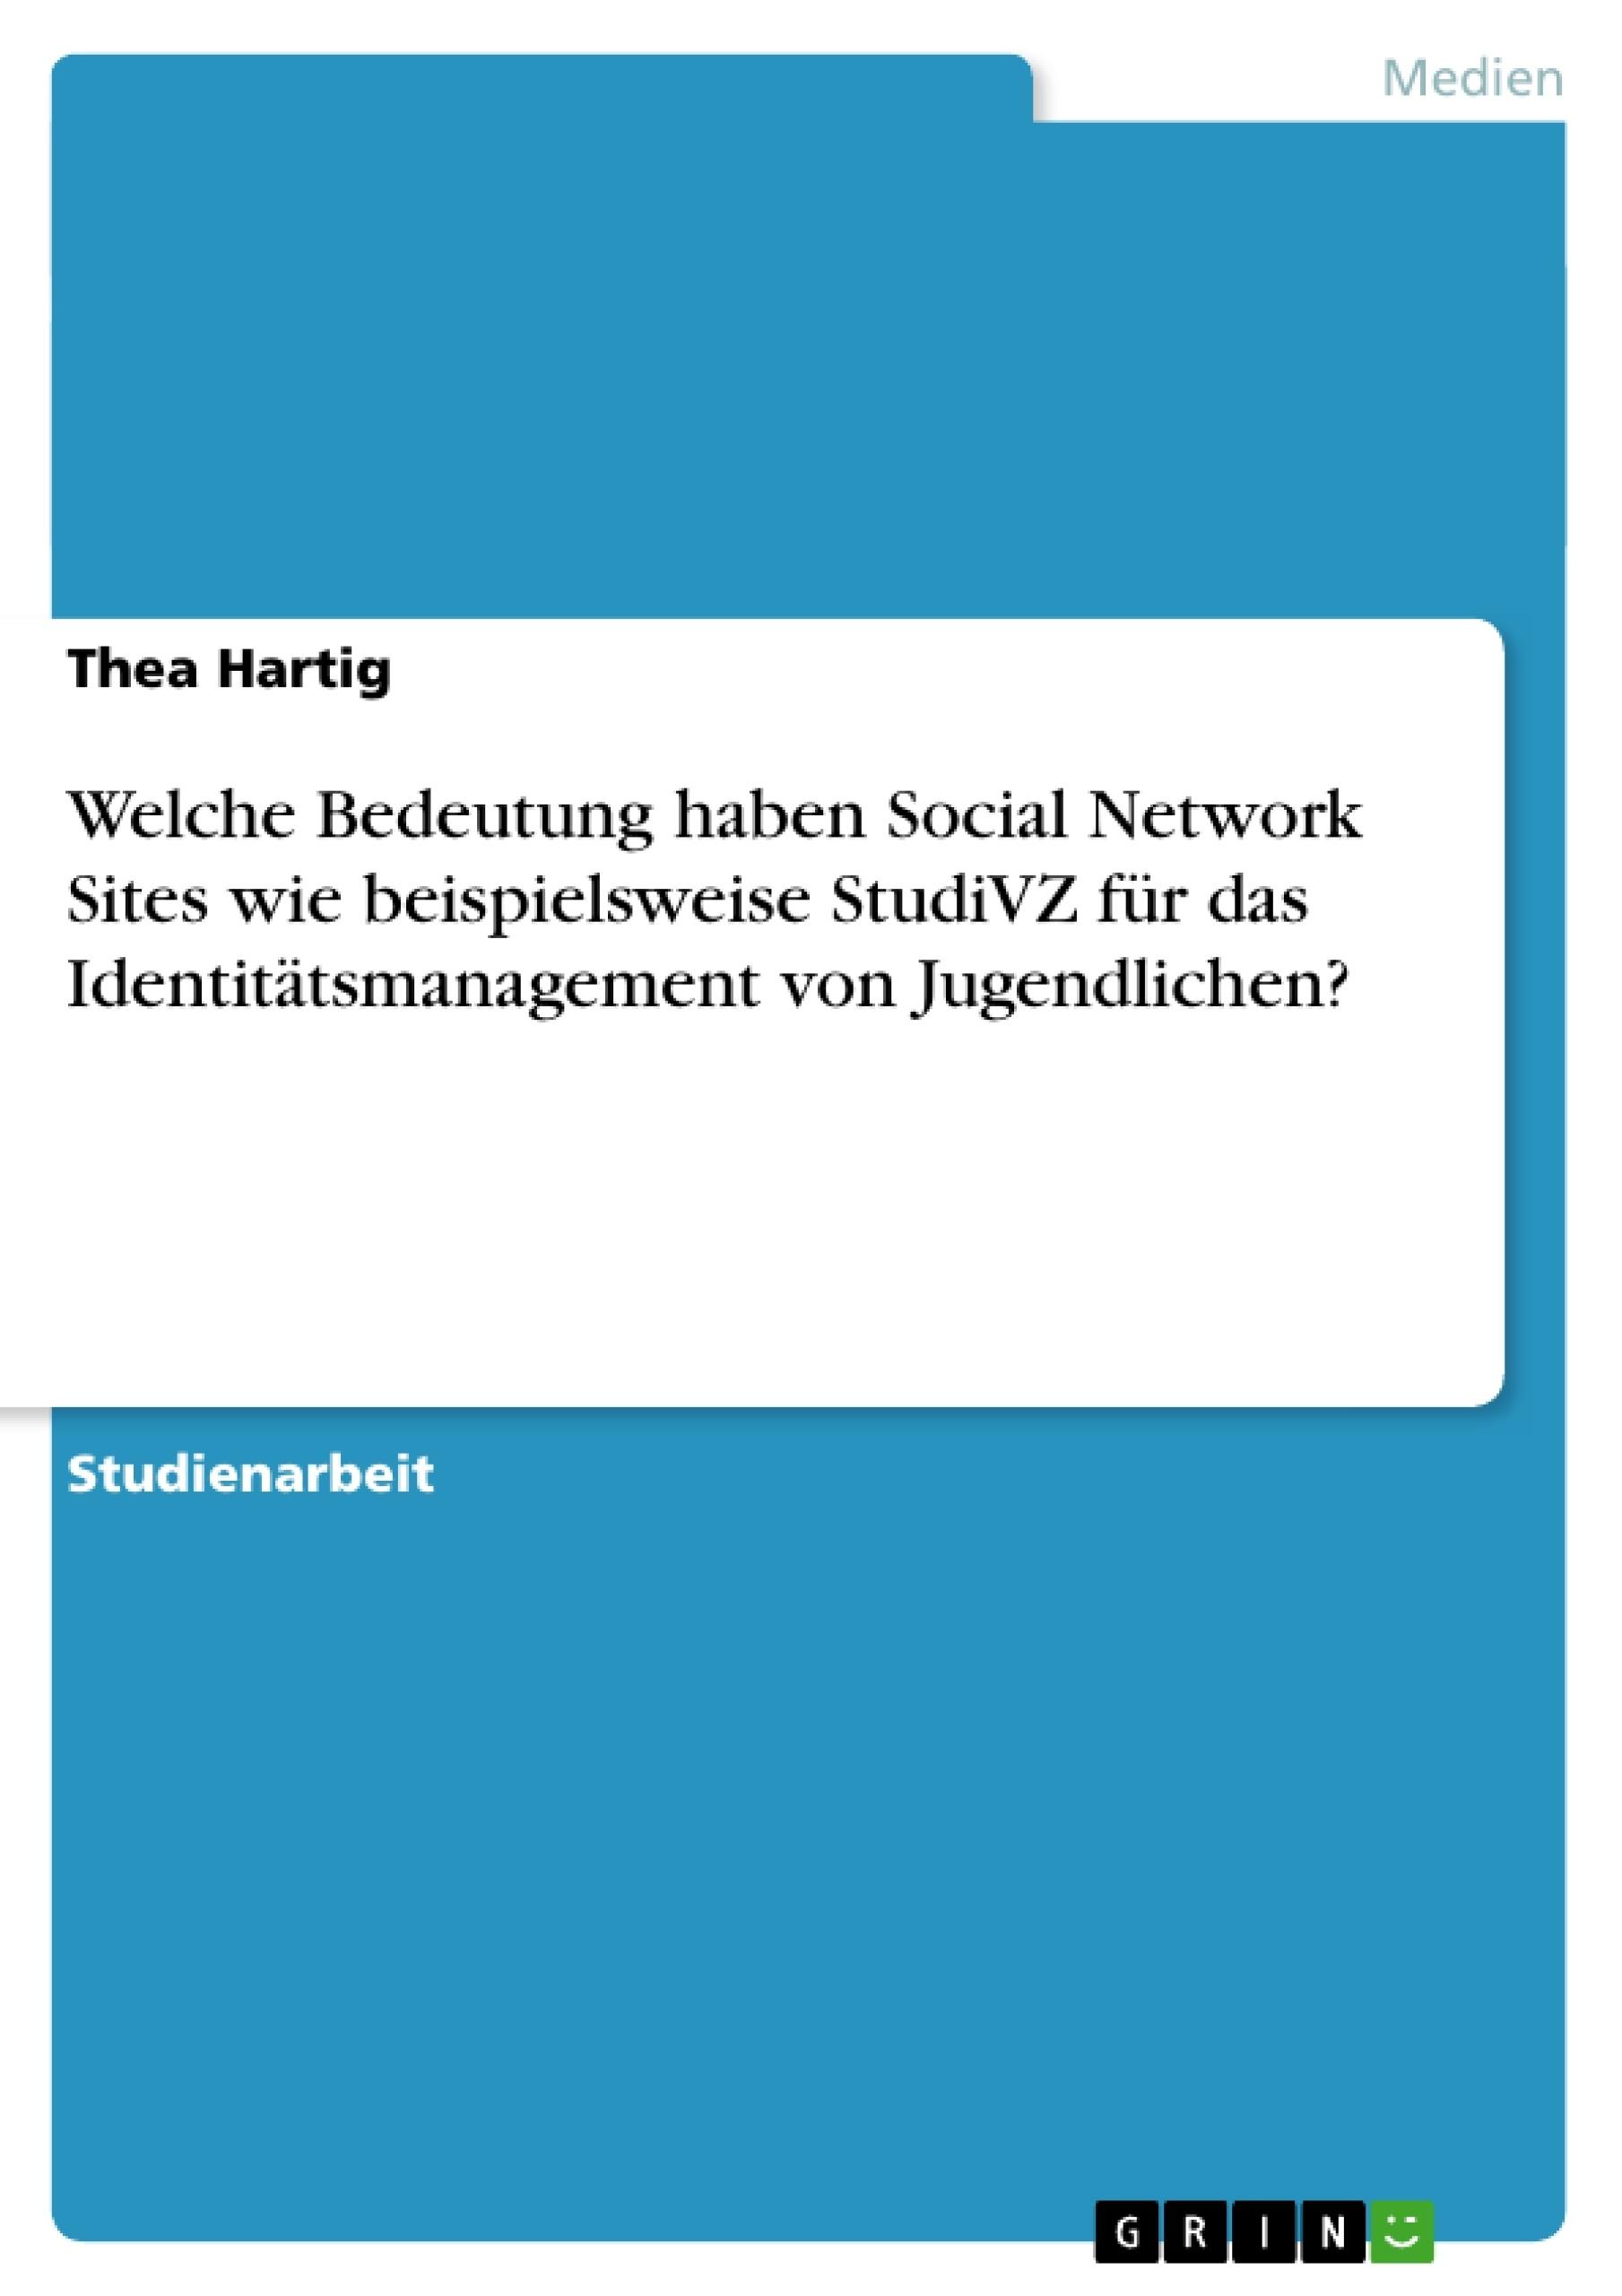 Titel: Welche Bedeutung haben Social Network Sites wie beispielsweise StudiVZ für das Identitätsmanagement von Jugendlichen?